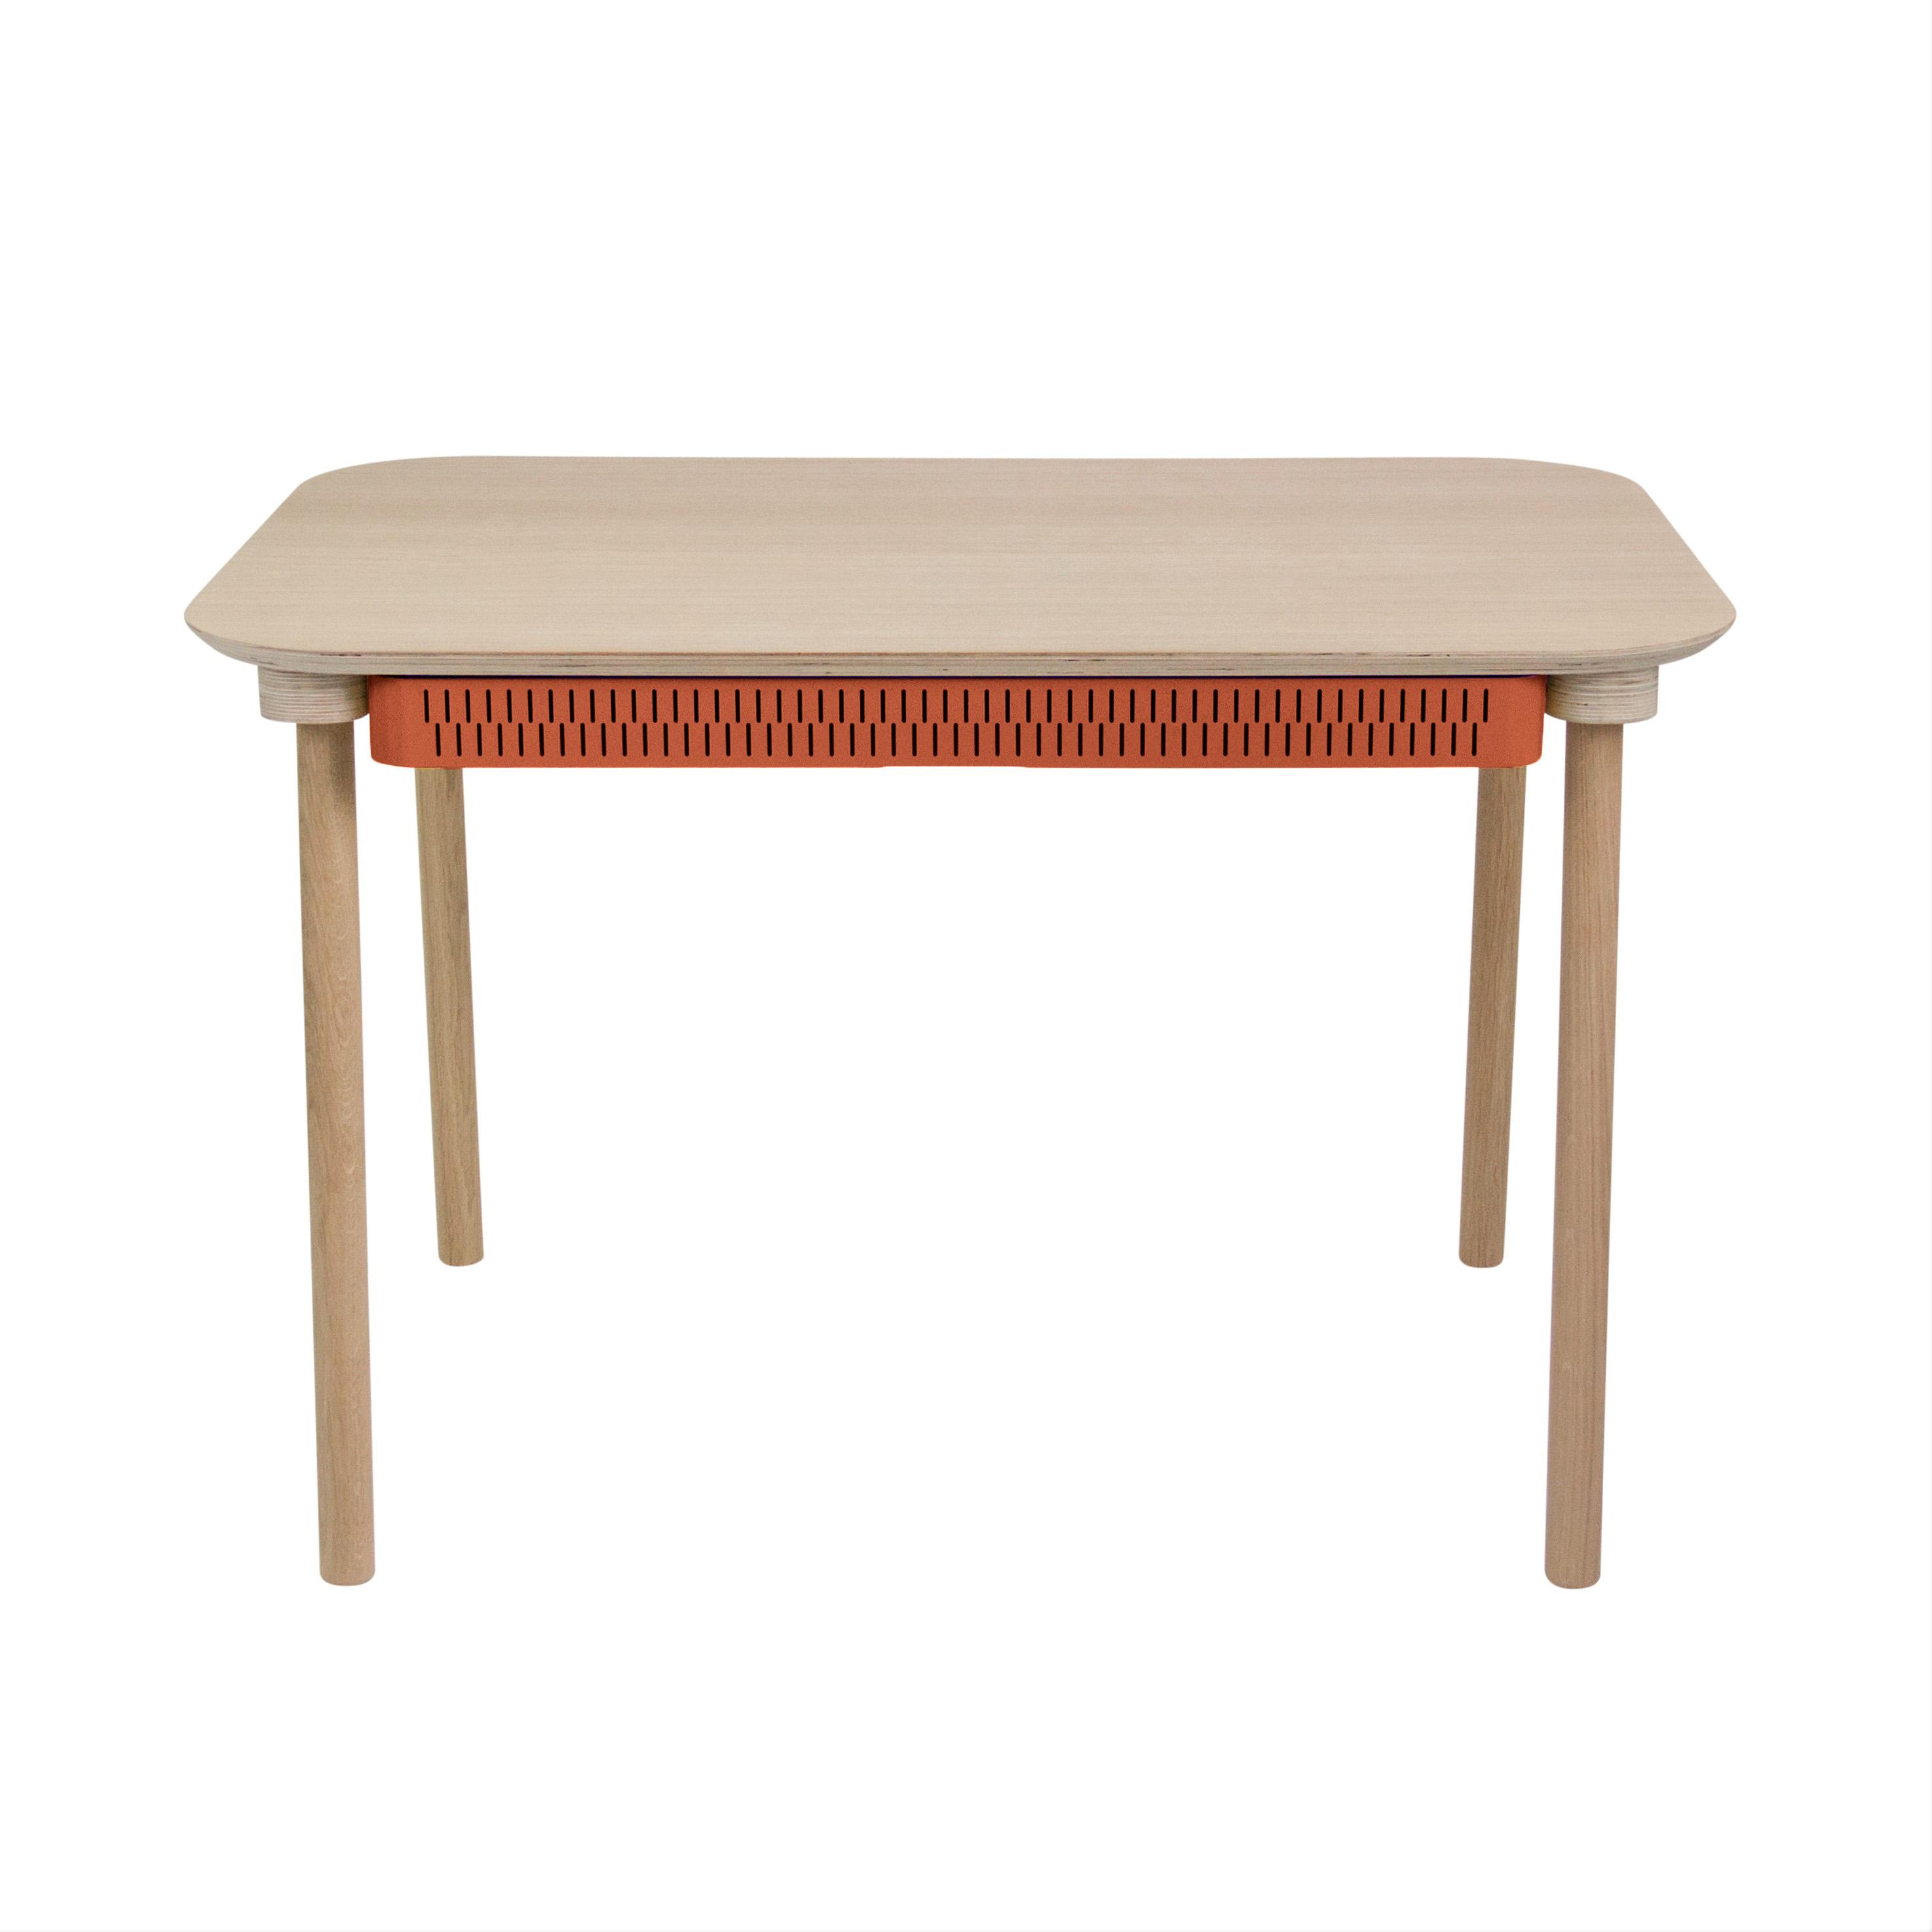 Table de repas avec 2 tiroirs en chêne et métal terracotta